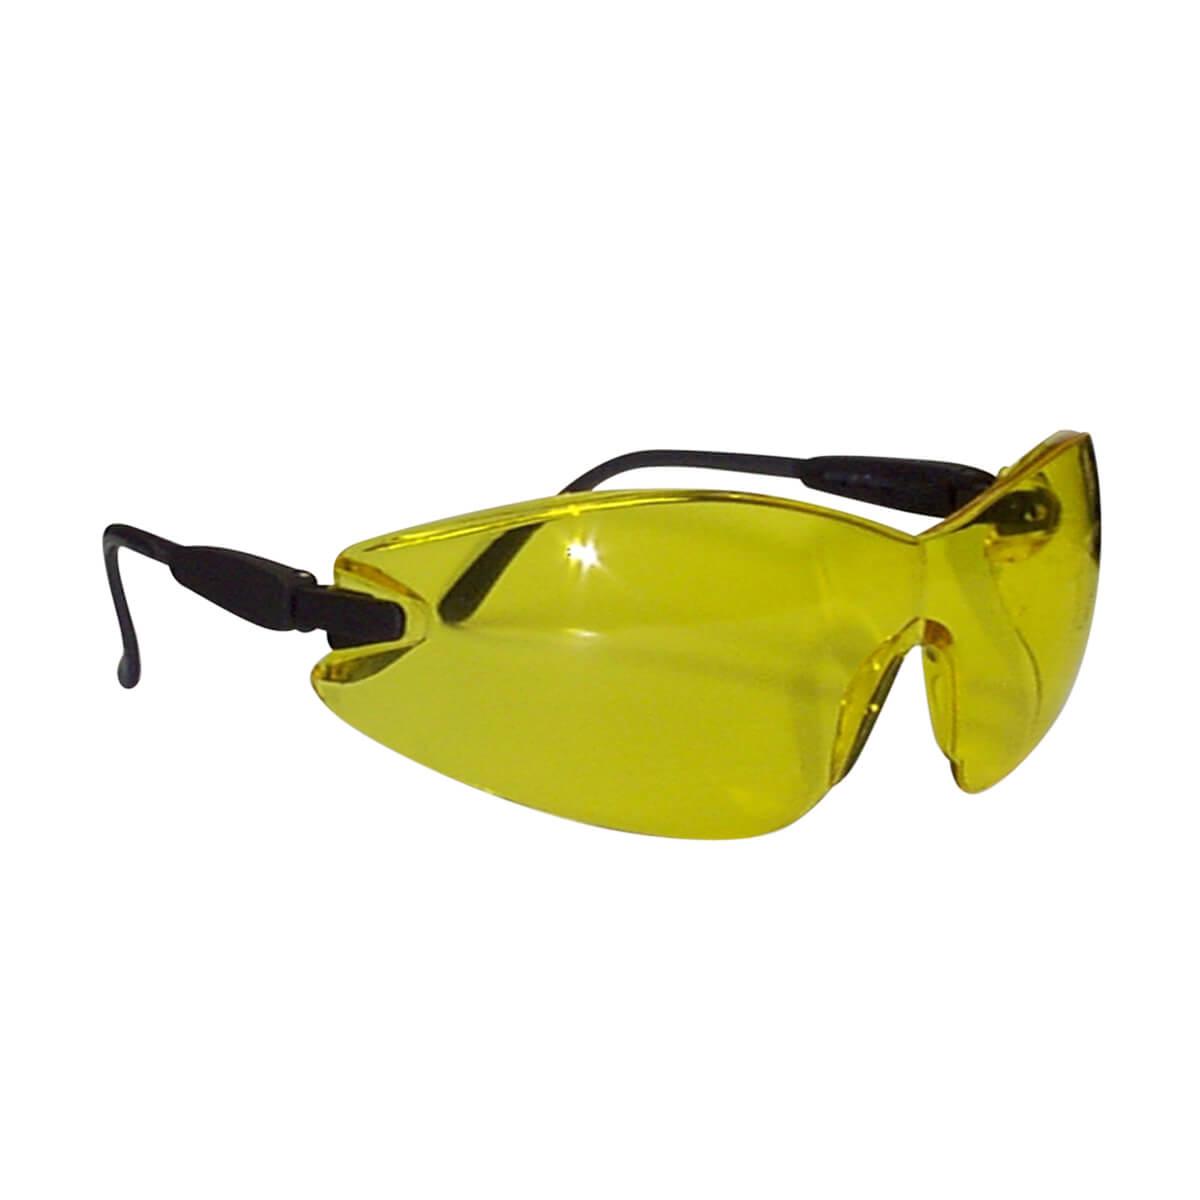 Brooklyn Protective Eyewear - Amber Lens